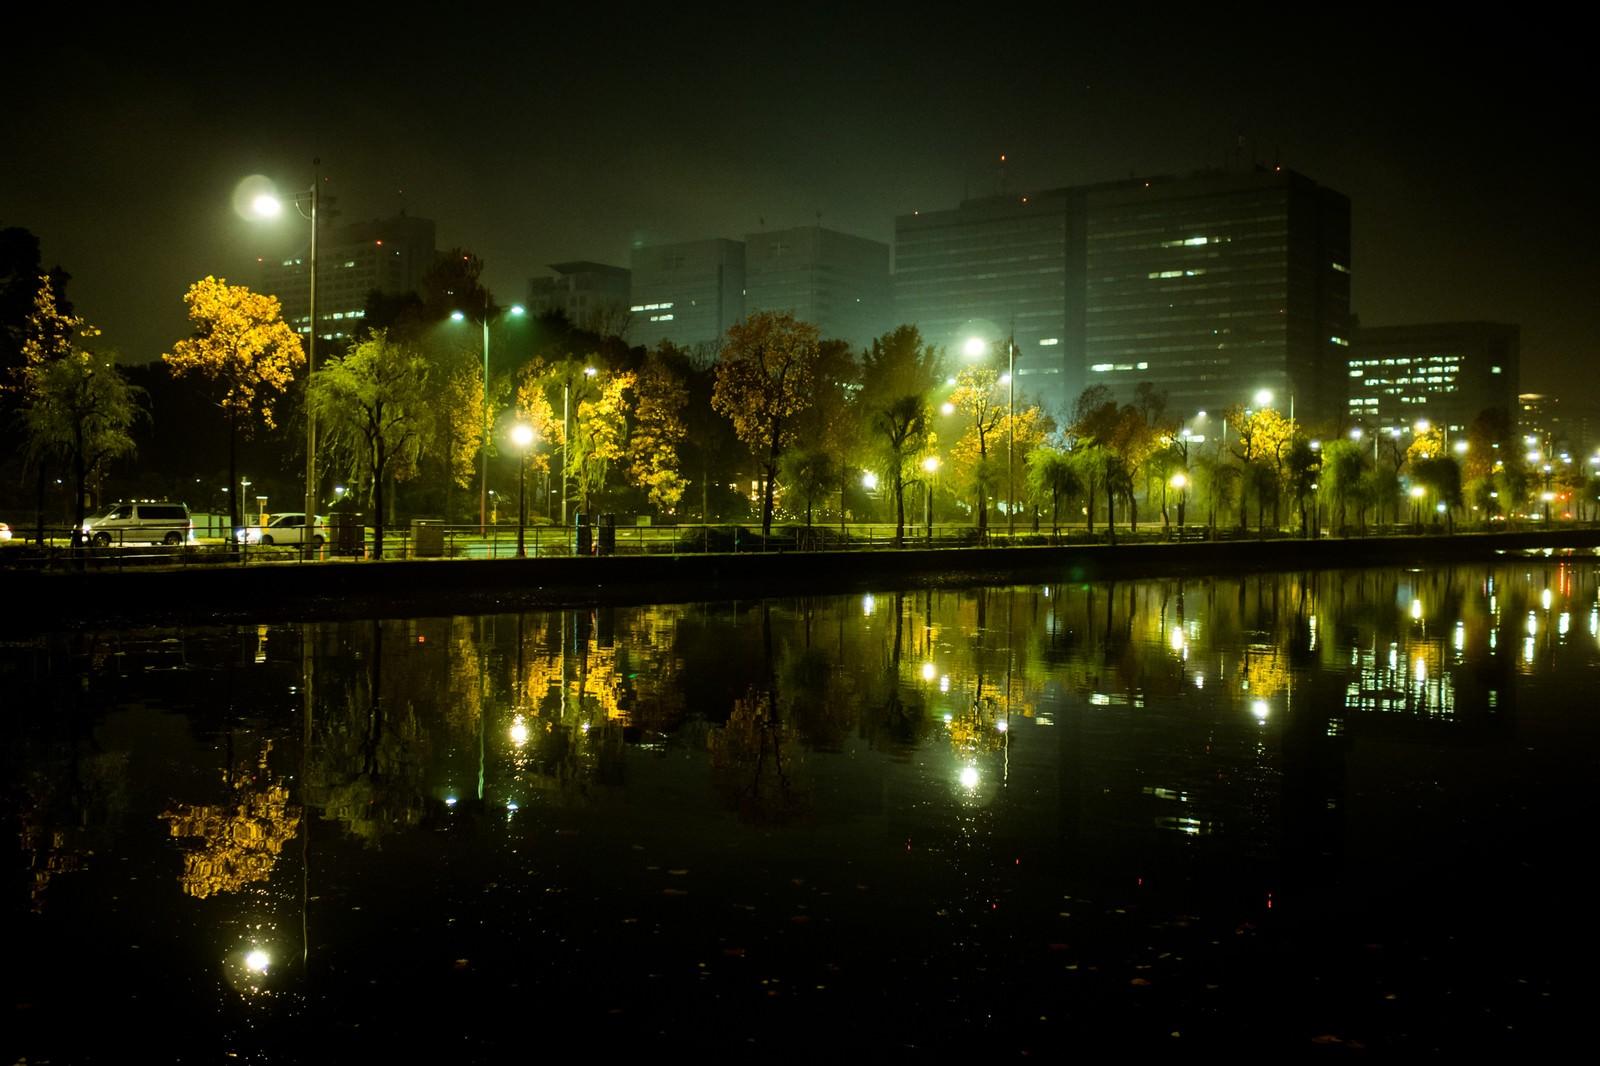 「水面に映り込む皇居の堀とビル群の夜景」